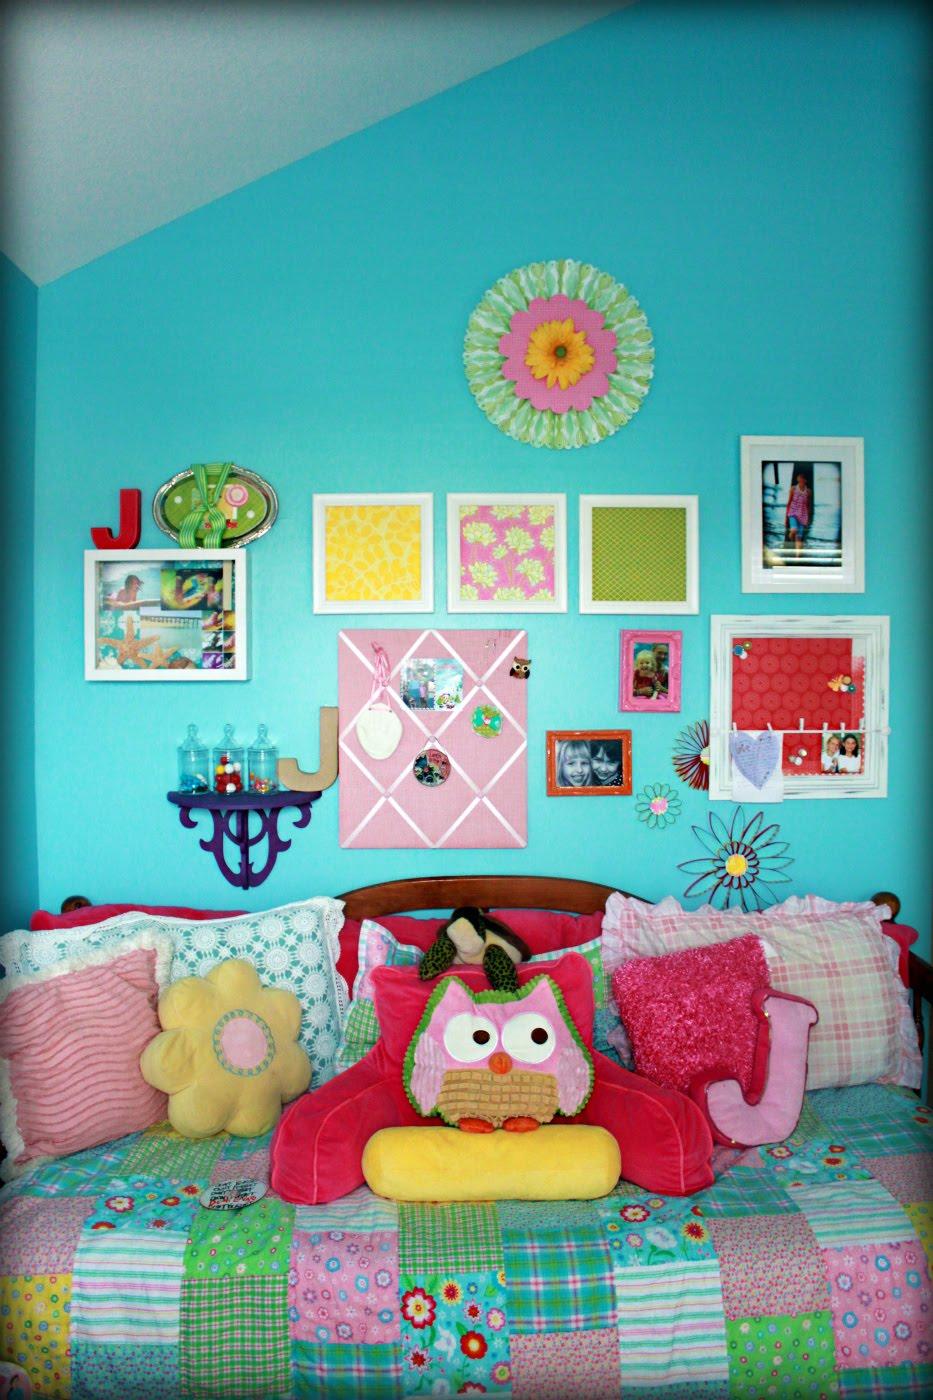 Wip blog tween bedroom - Cute room ideas for tweens ...